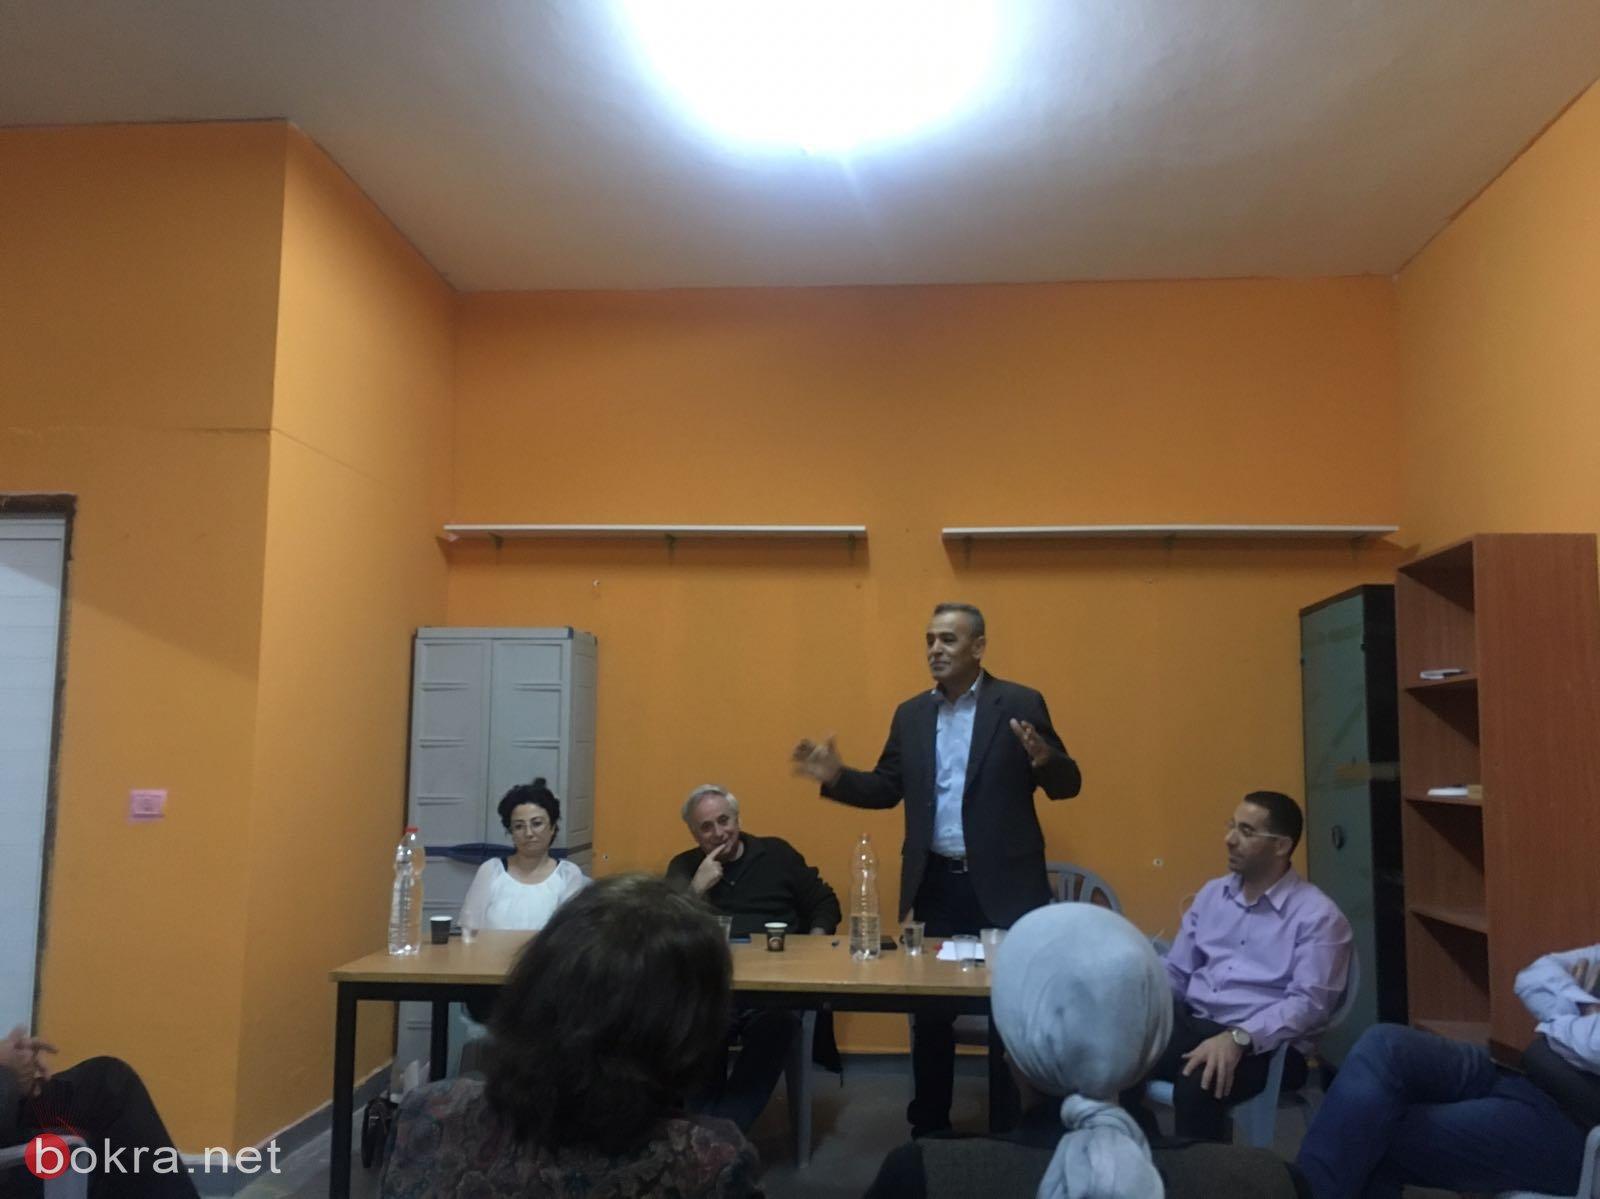 تجمع الطيرة ينظم ندوة سياسية قرار ترامب بمشاركة زحالقة وزعبي وإيلان بابيه